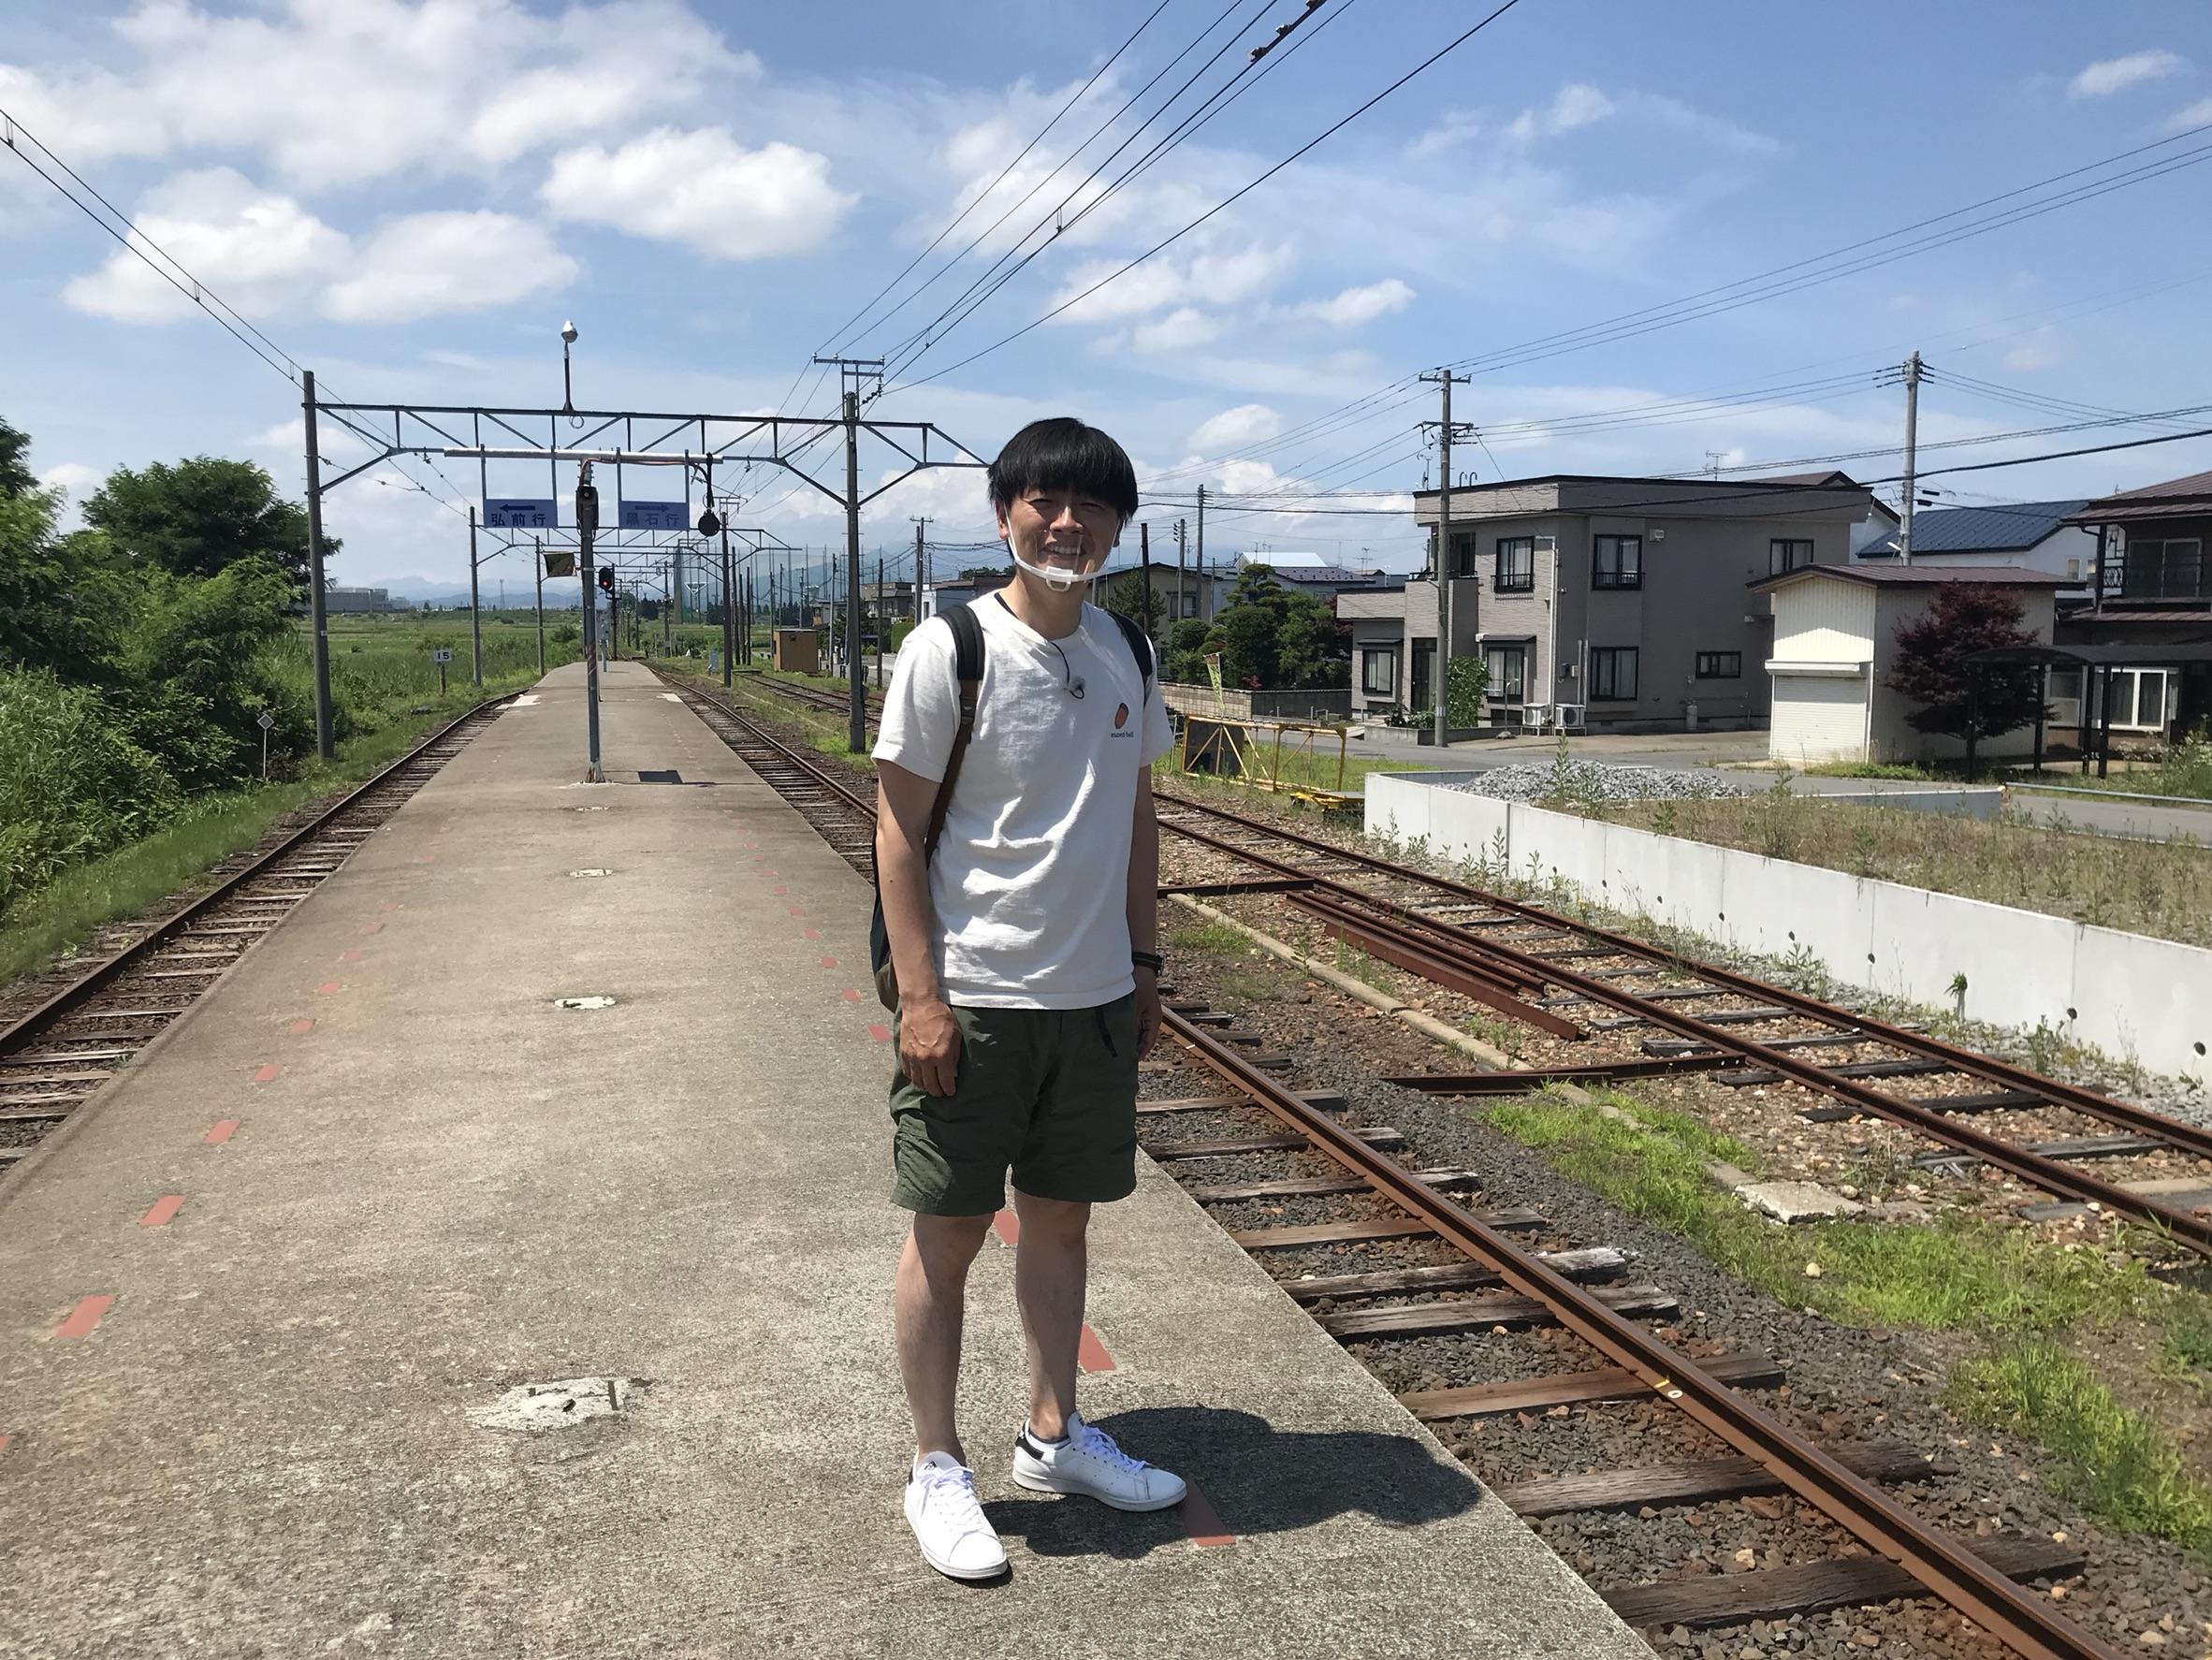 本日ジップフライデーロケ弘南鉄道で途中下車の旅